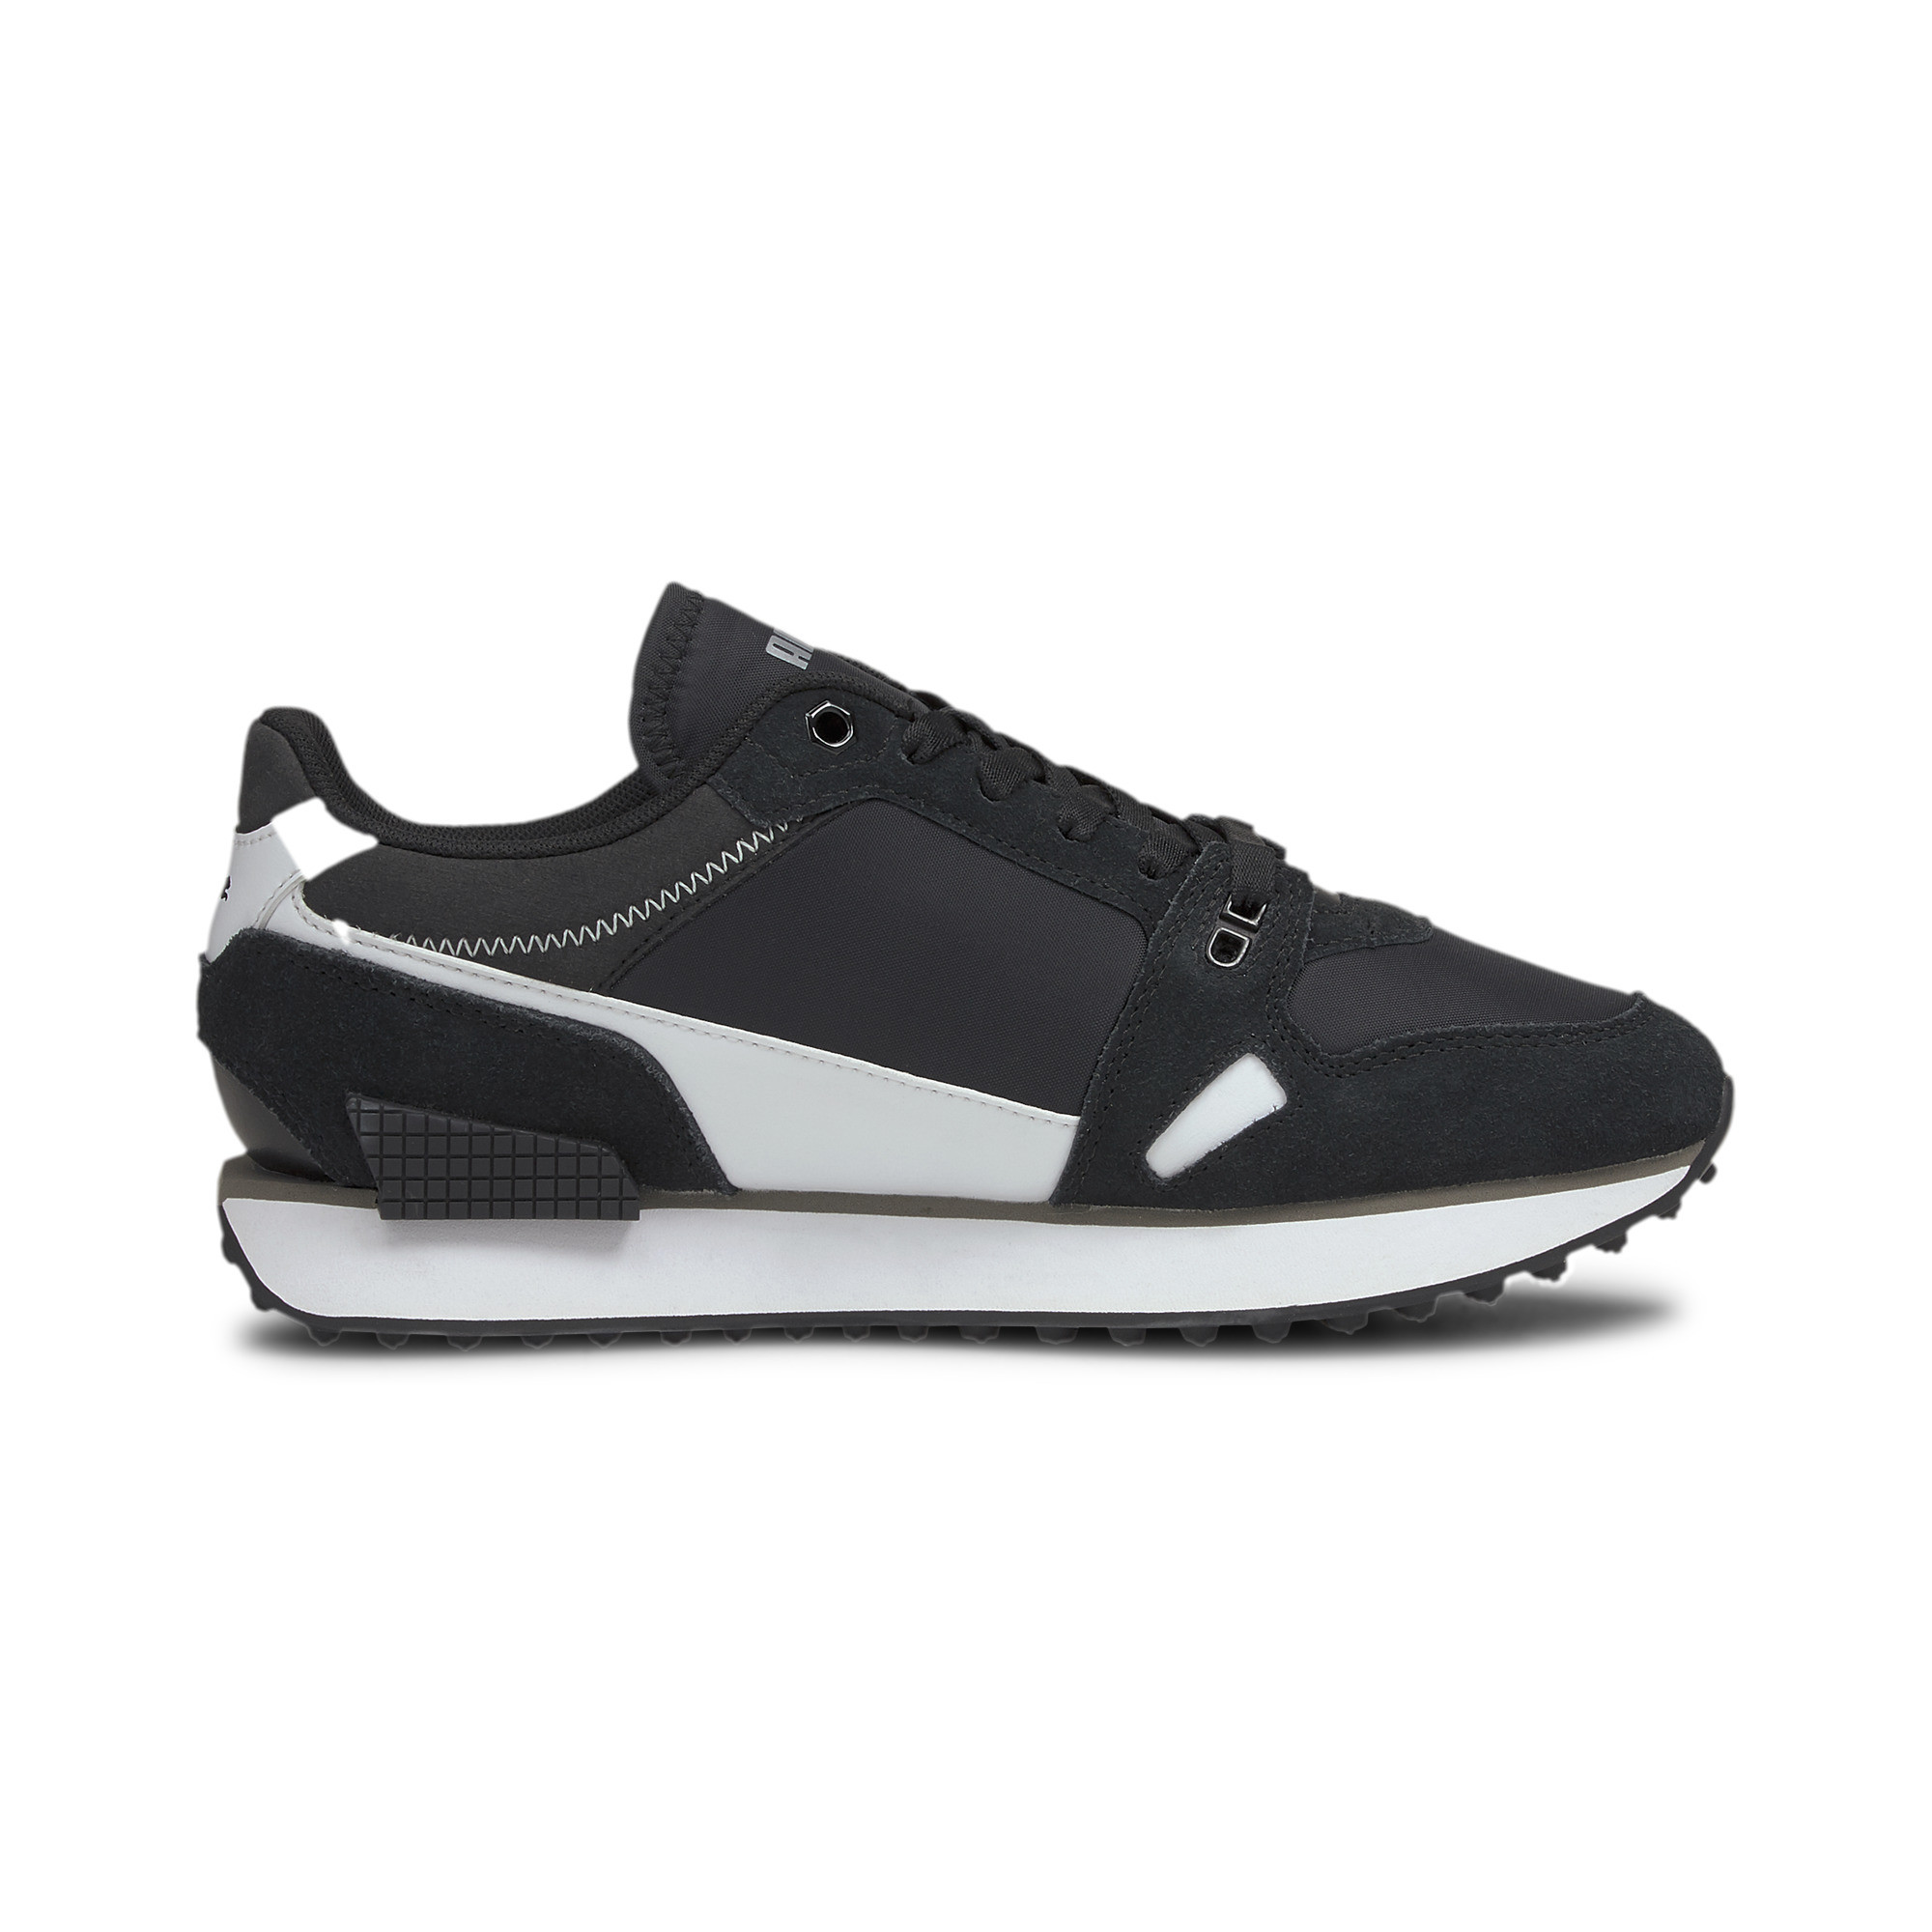 Indexbild 24 - PUMA-Mile-Rider-Chrome-Desert-Damen-Sneaker-Frauen-Schuhe-Neu